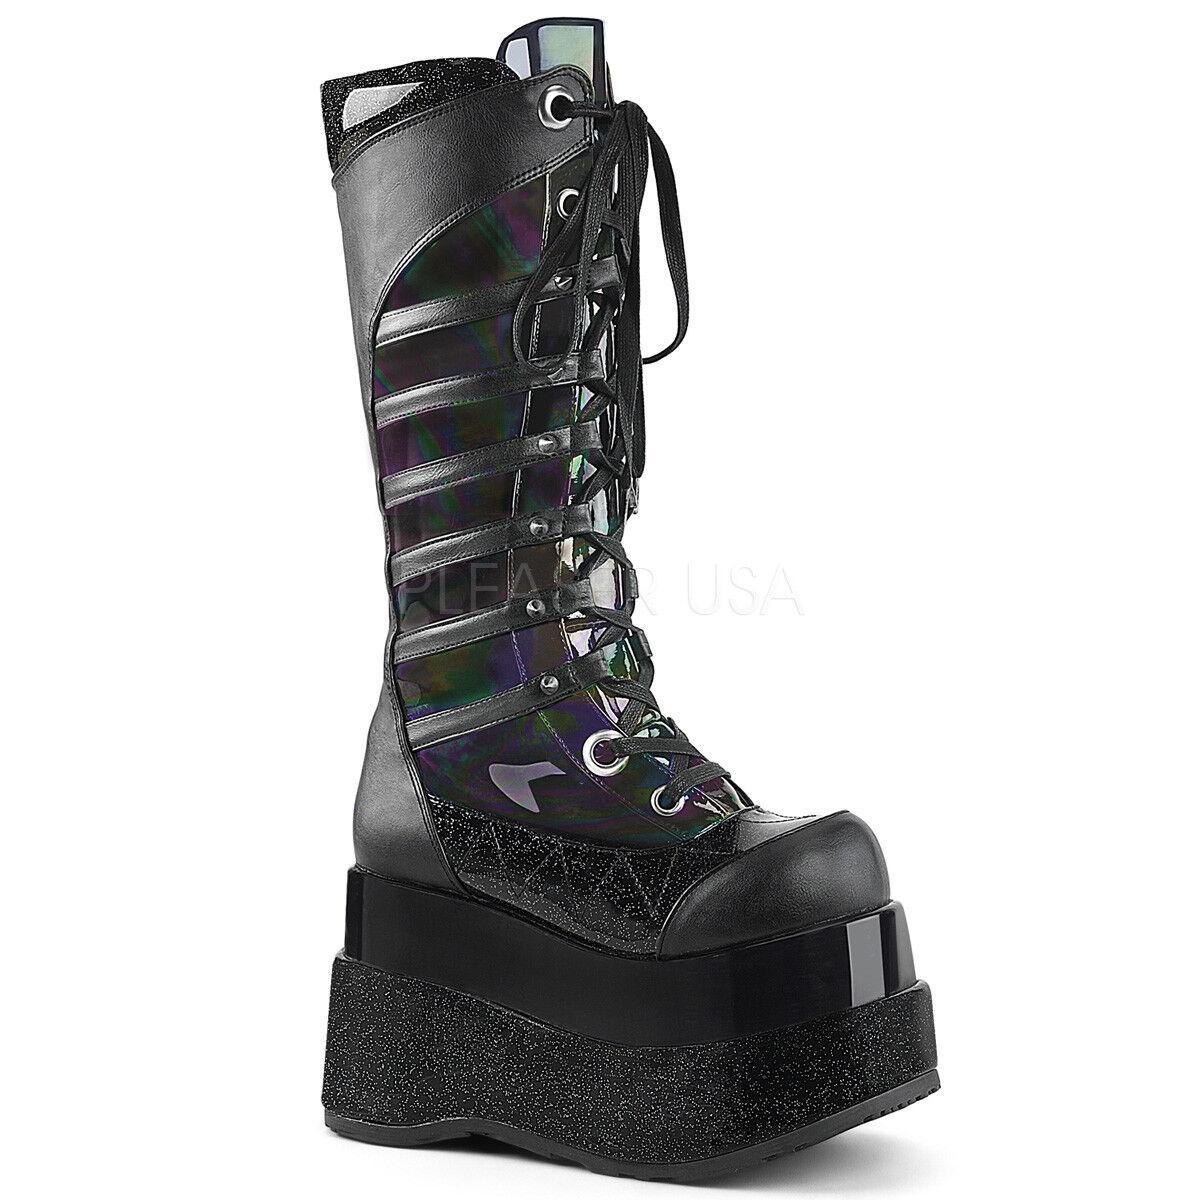 Cuero para Mujer del Partido Tacones altos altos hasta hasta altos el Tobillo Botas Zapatos Bombas británico casuales c04d0e